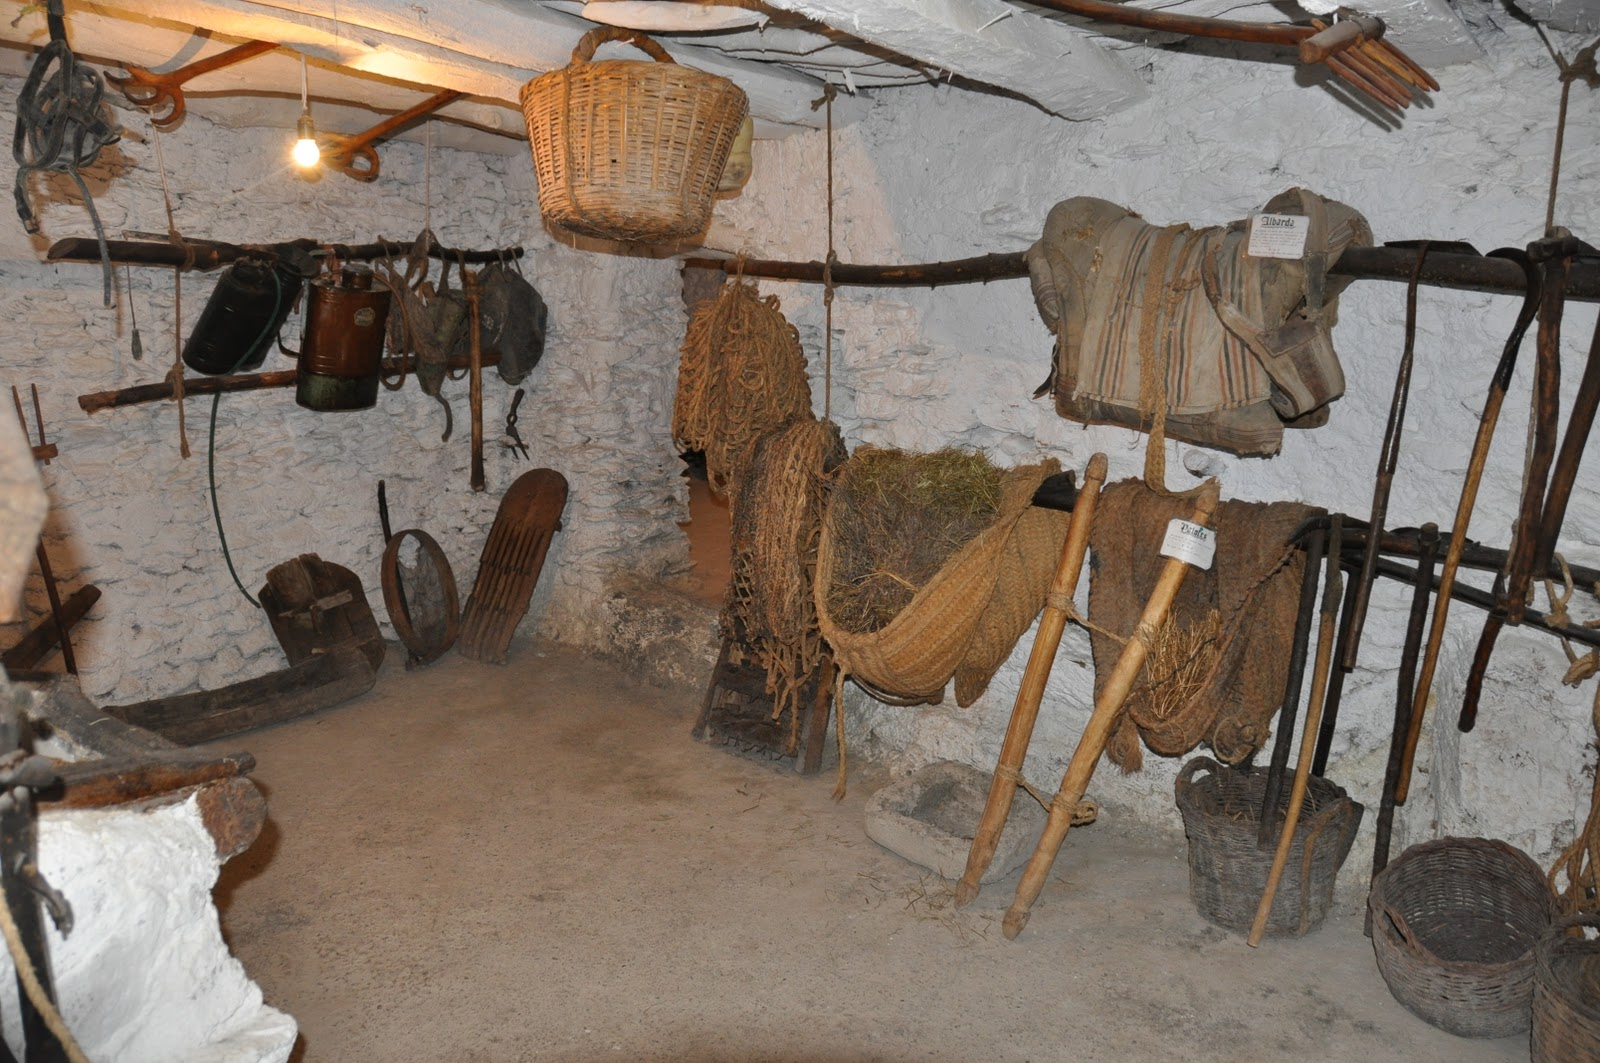 Casa museo alpujarre a en bubi n el lobo bobo un - Aperos agricolas antiguos ...